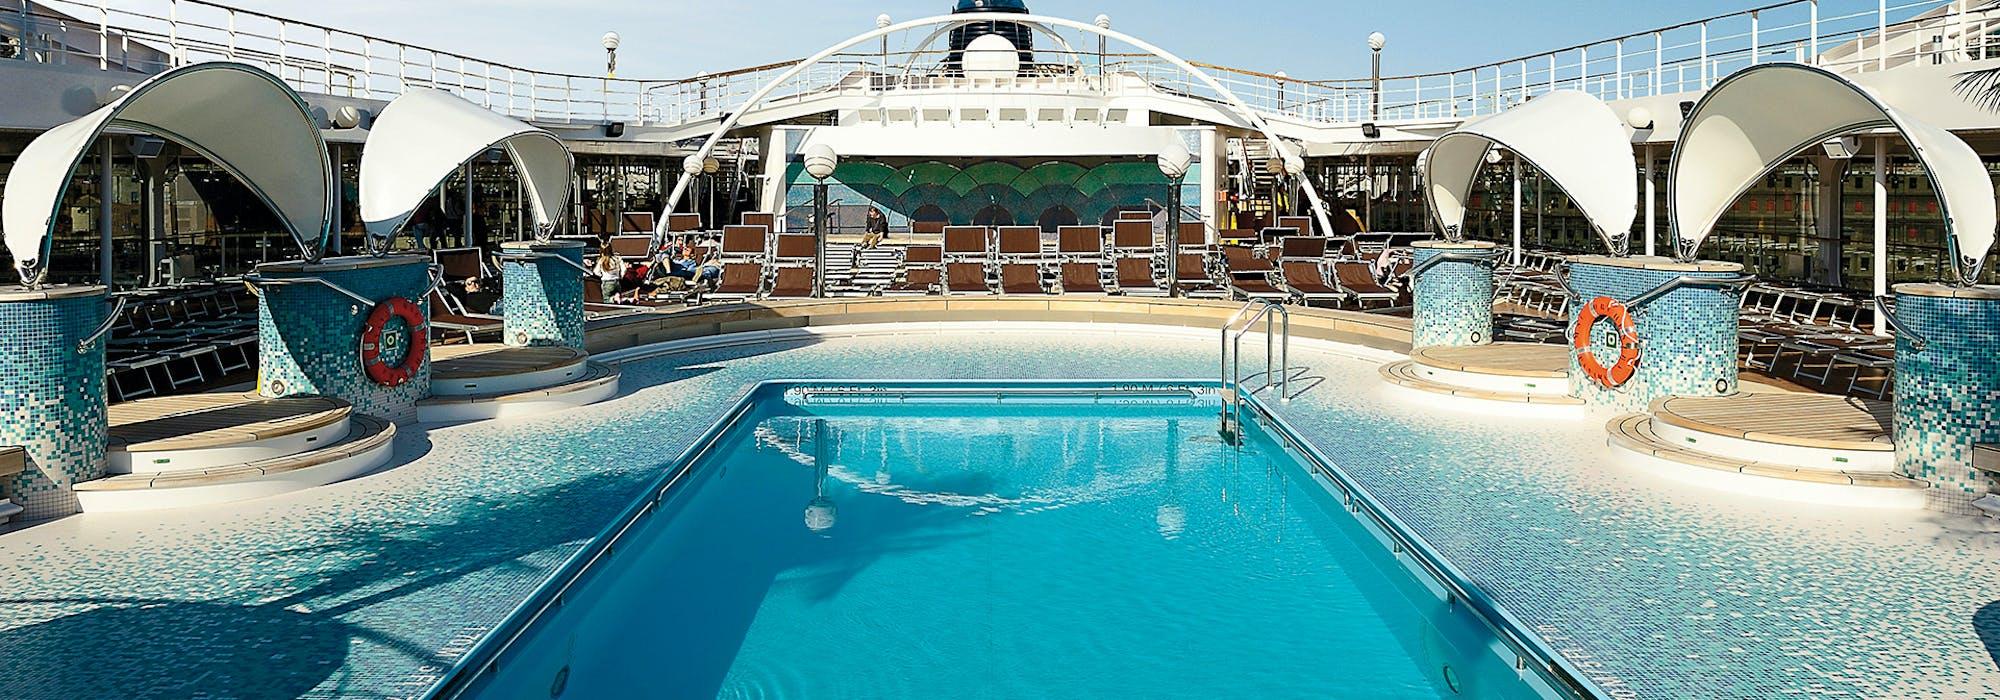 Bild på MSC Orchestras interiör med en stor pool i fokus.